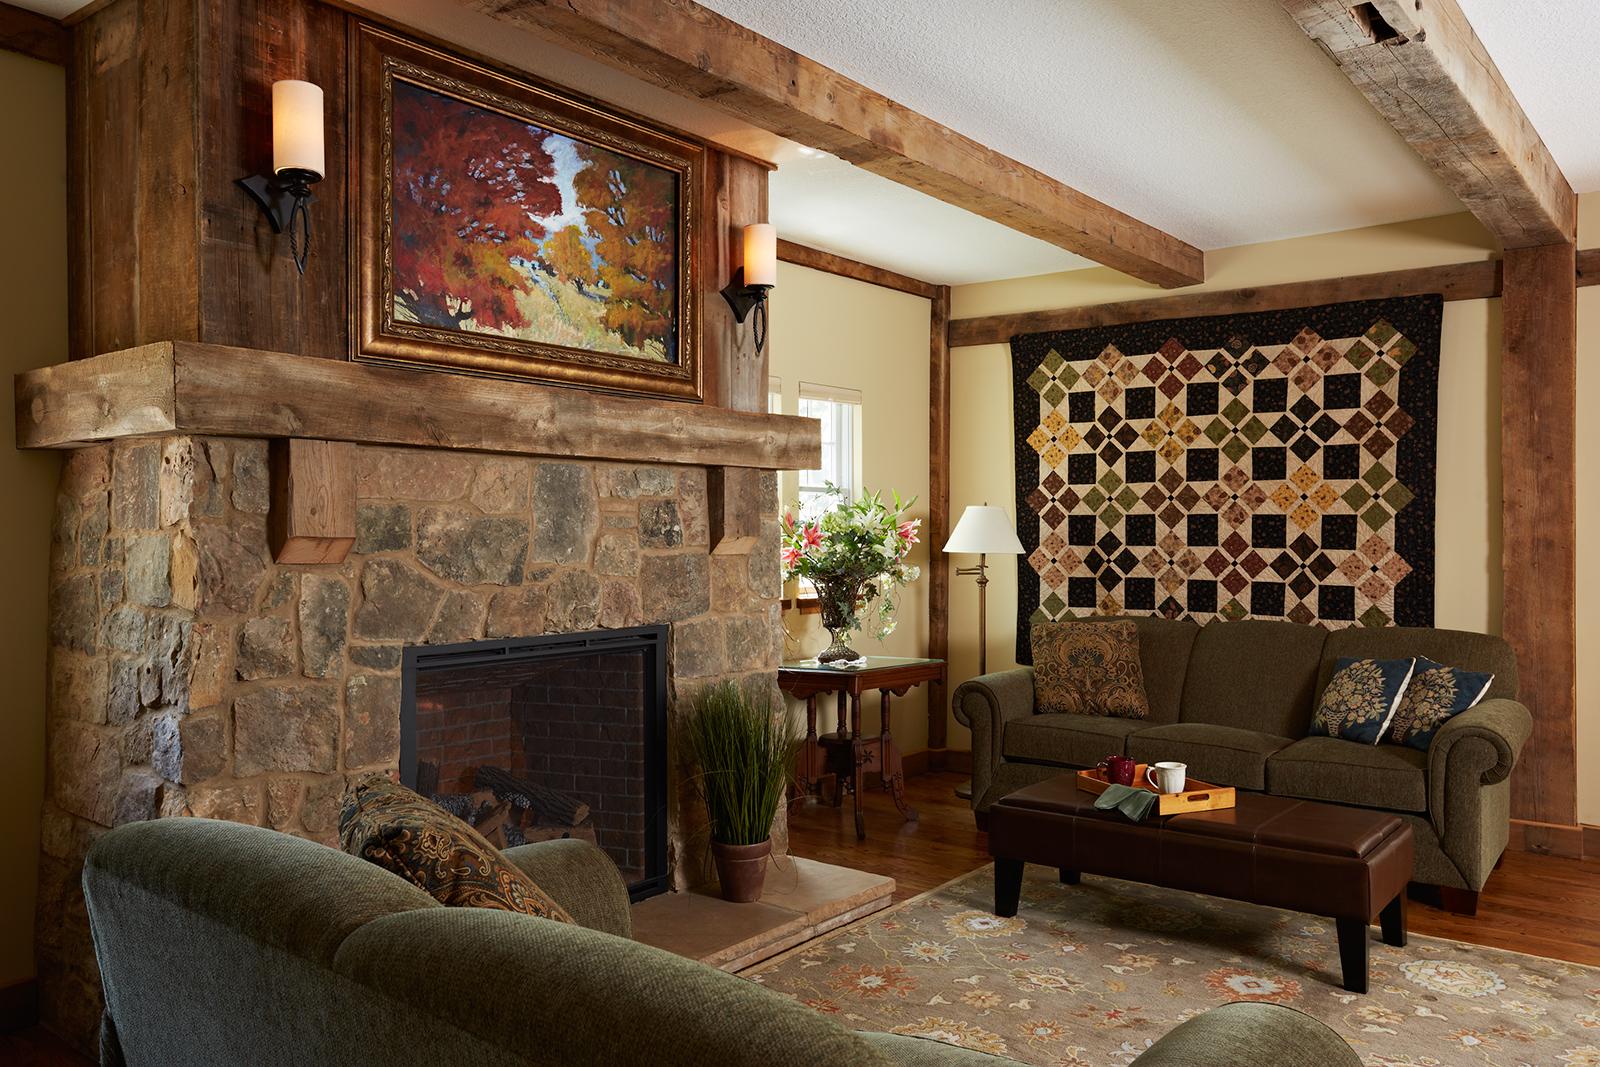 Barn_fireplace_lrg.jpg